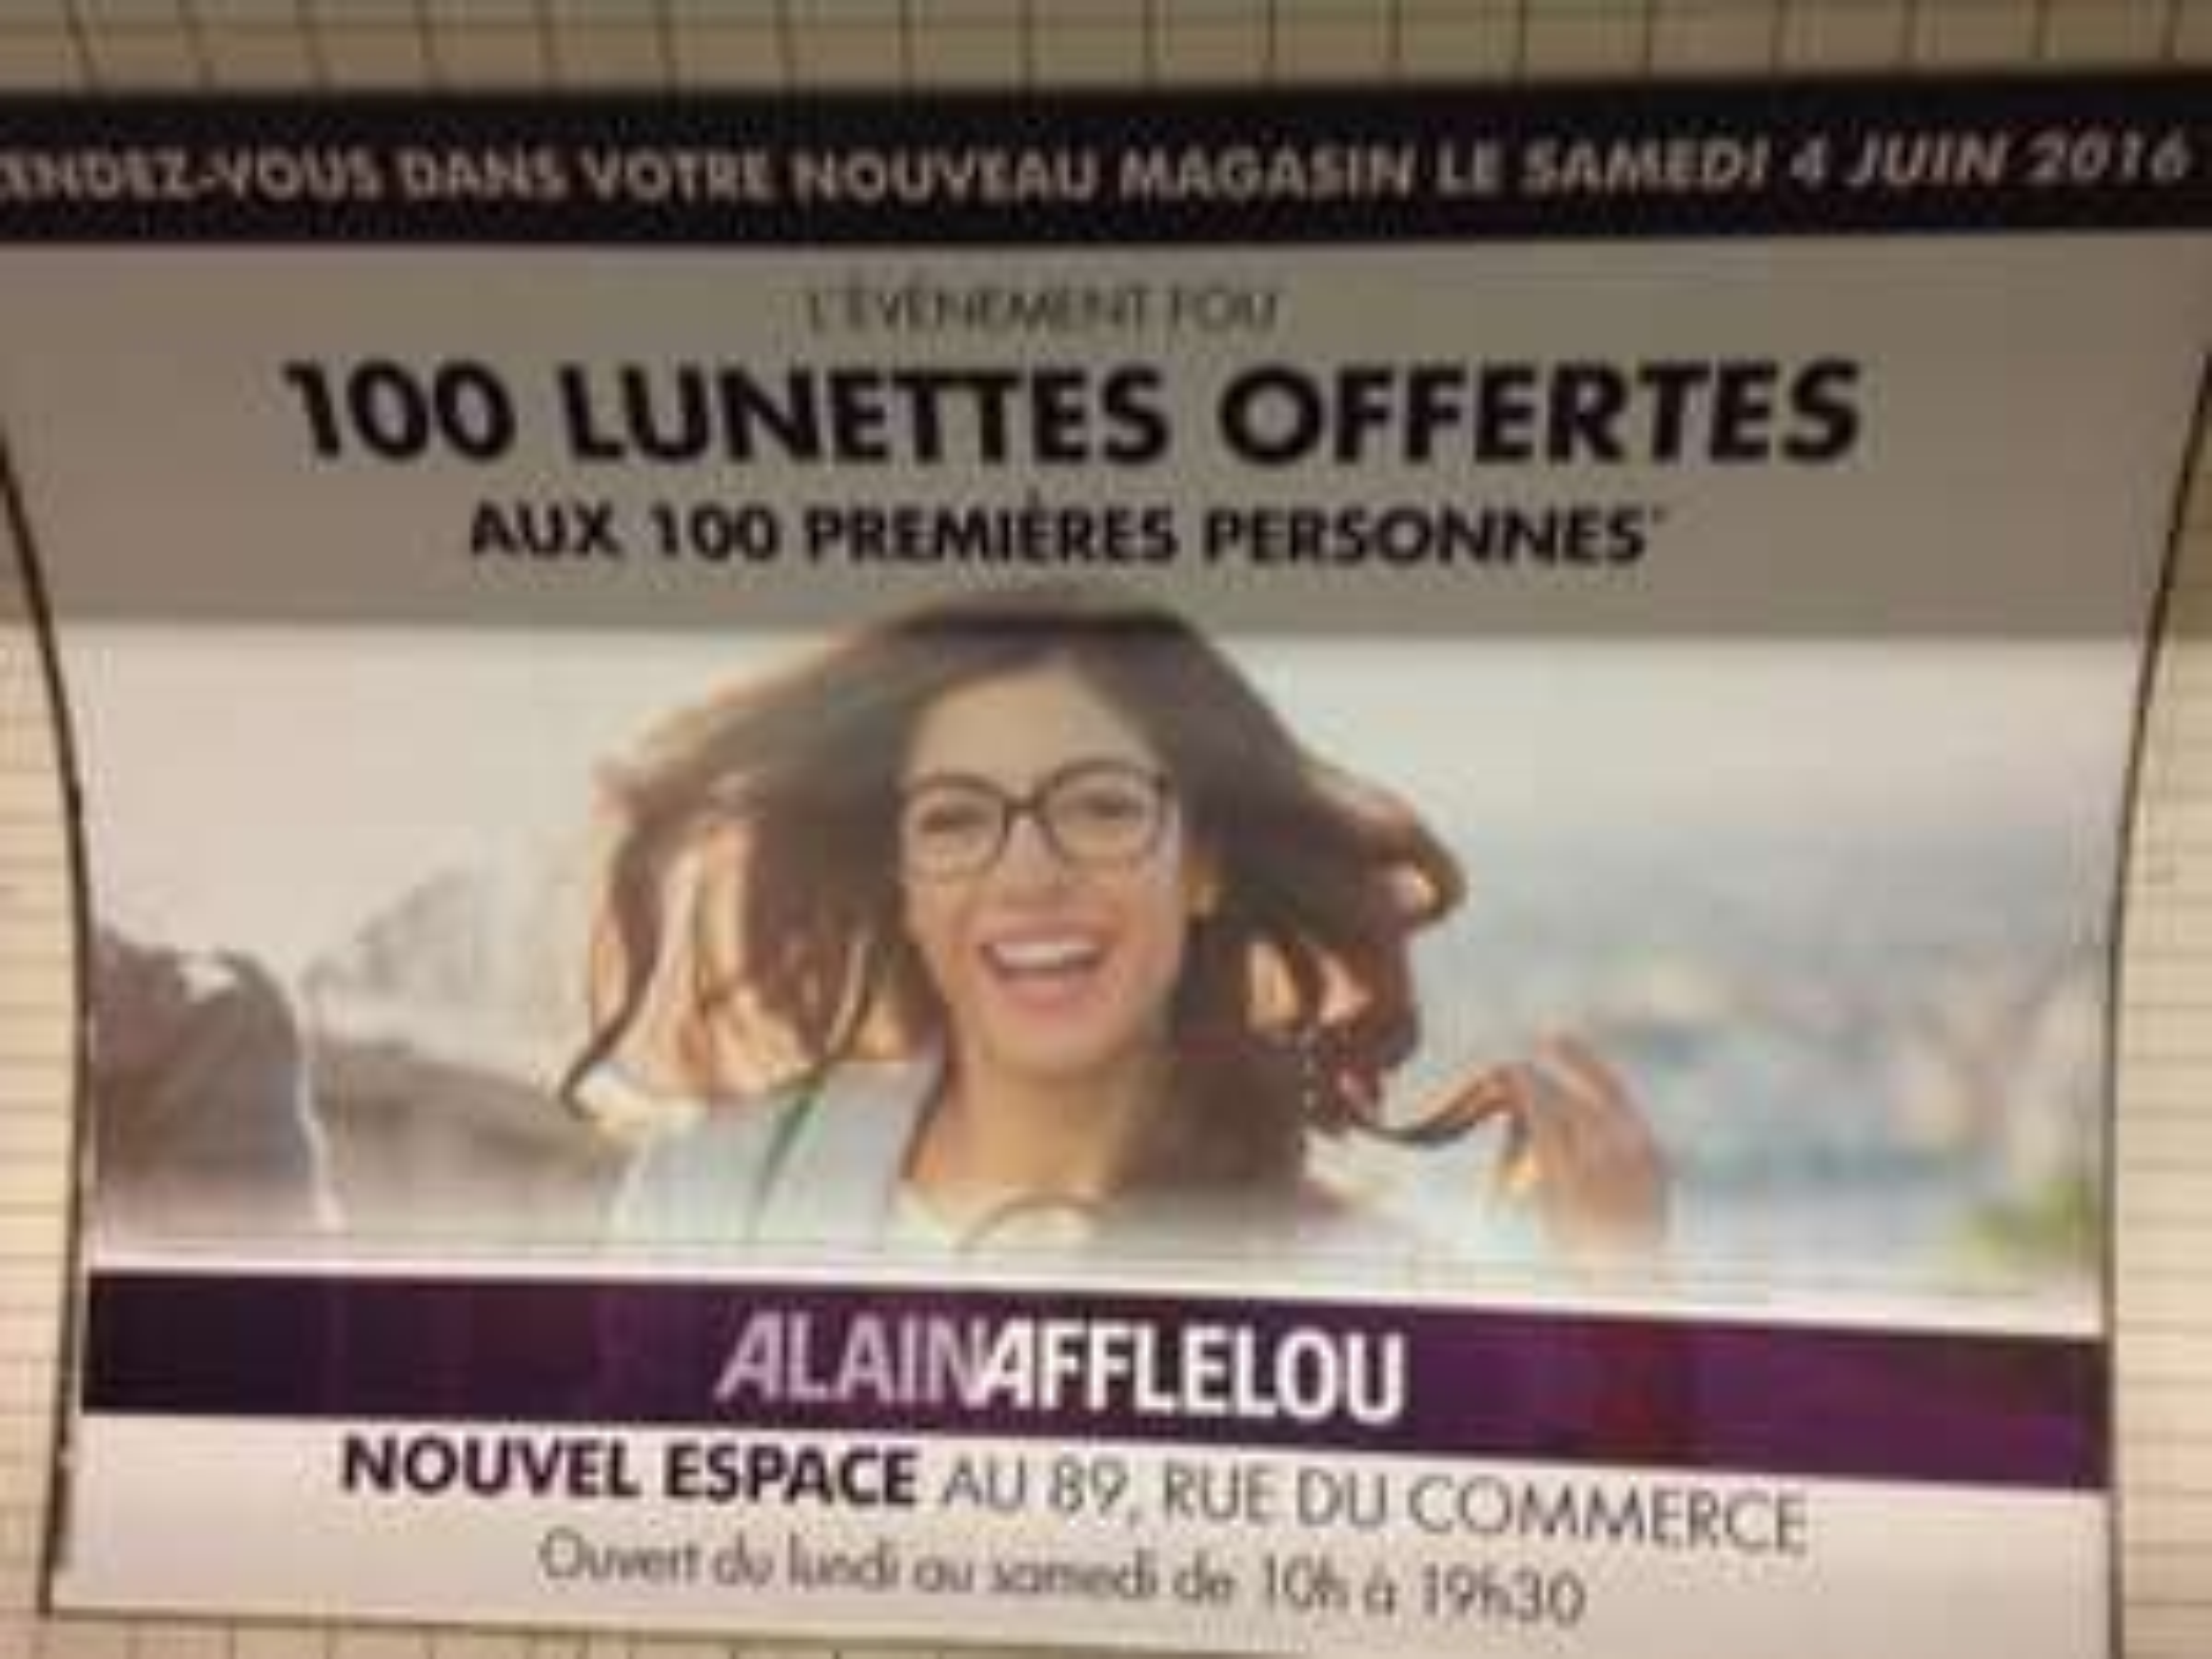 100 lunettes offertes aux 100 première personnes